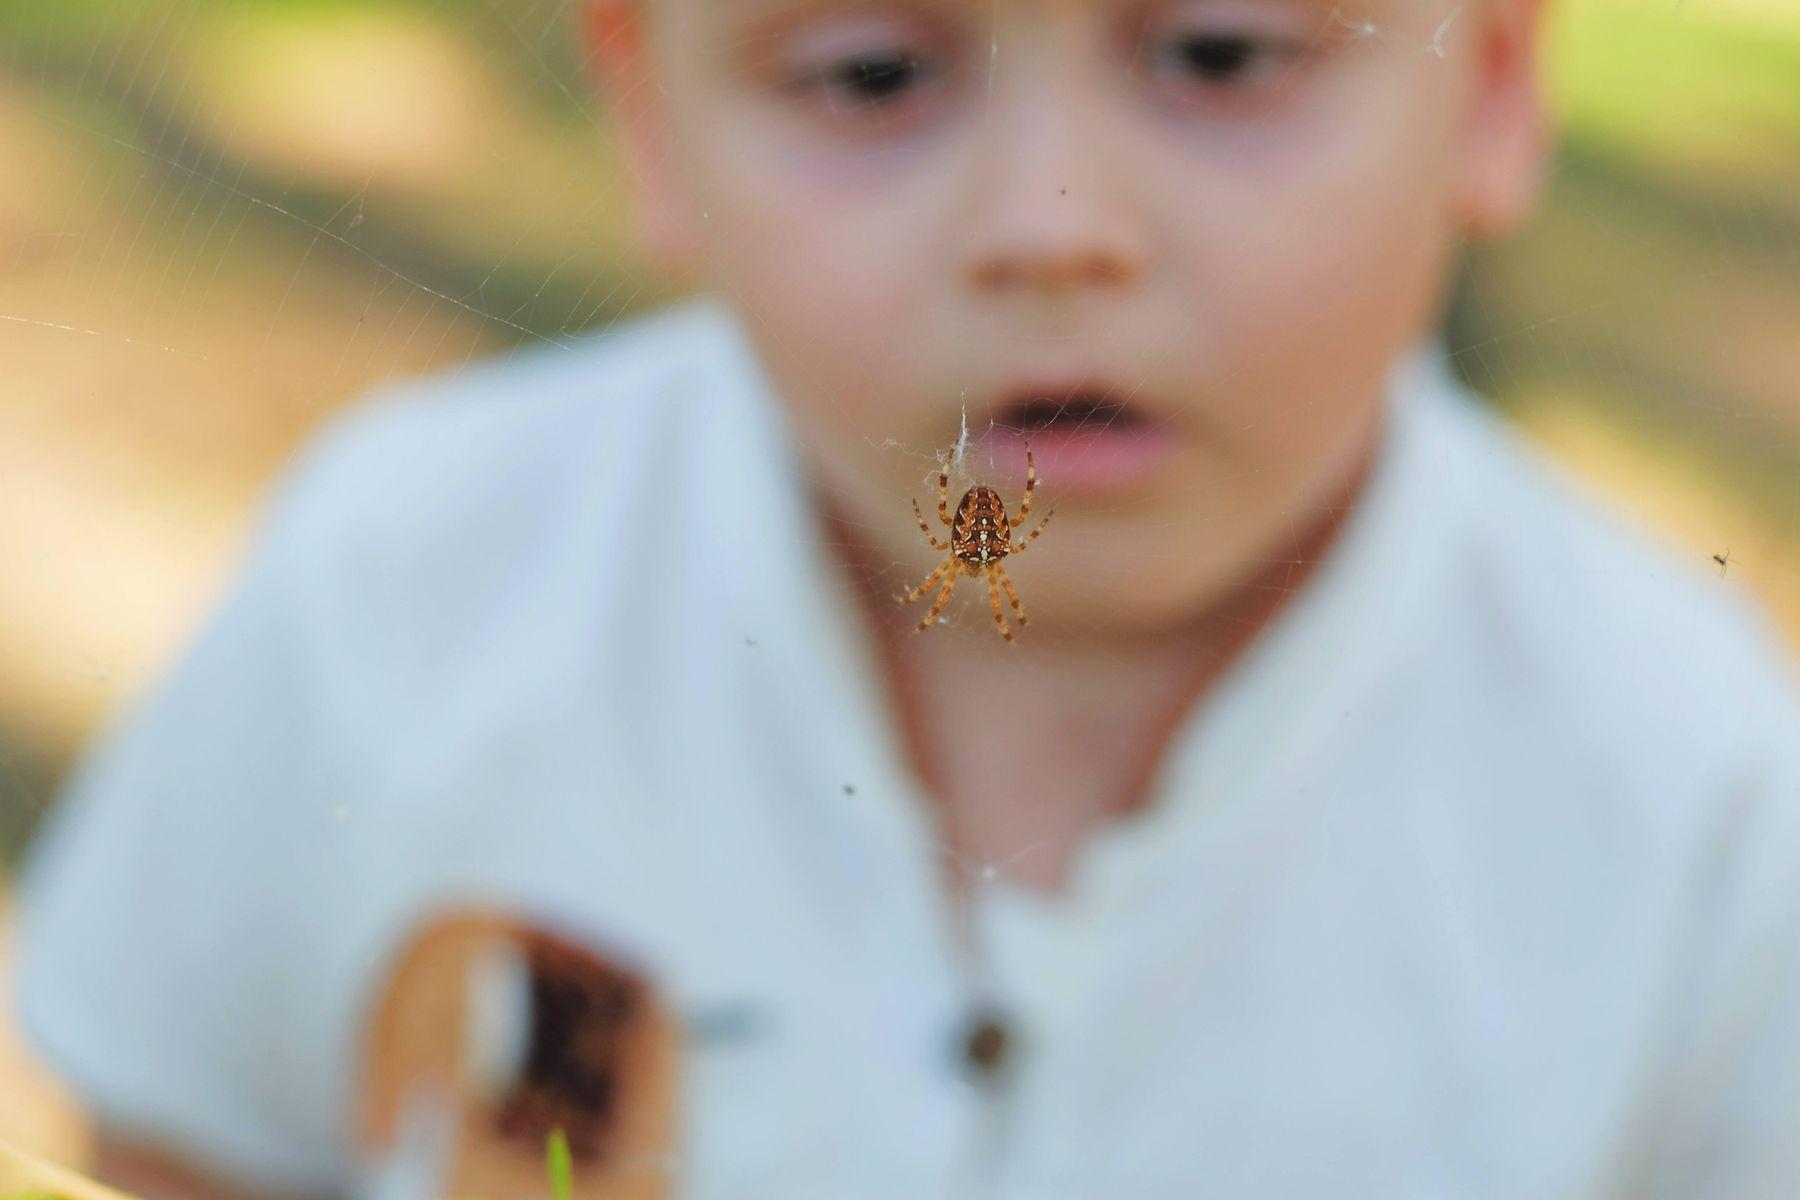 Ứng phó thế nào khi bị côn trùng cắn?